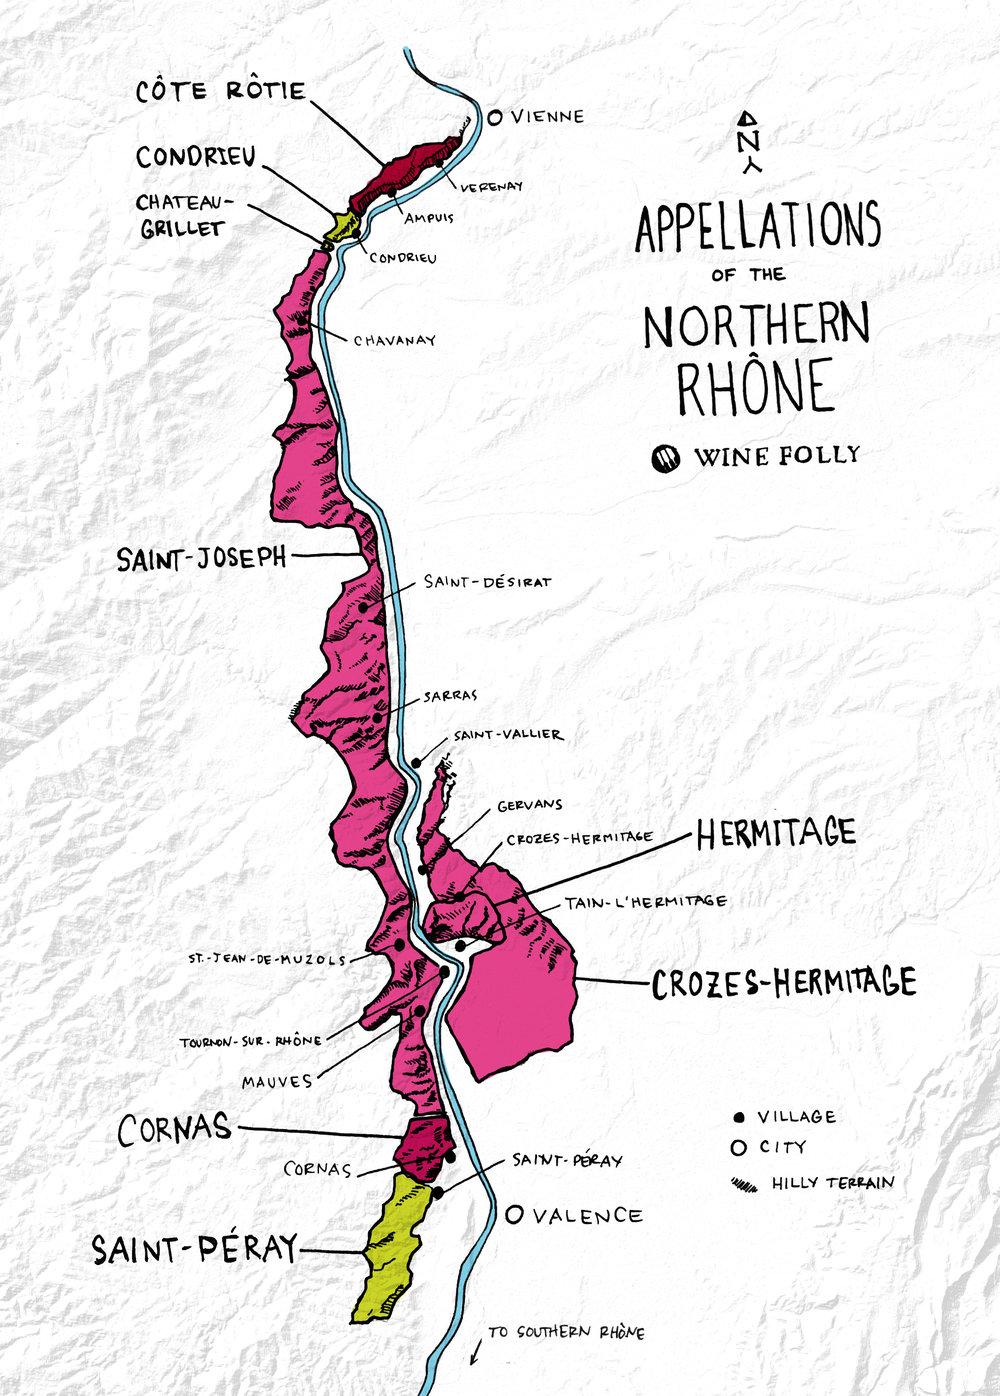 map from www.winefolly.com